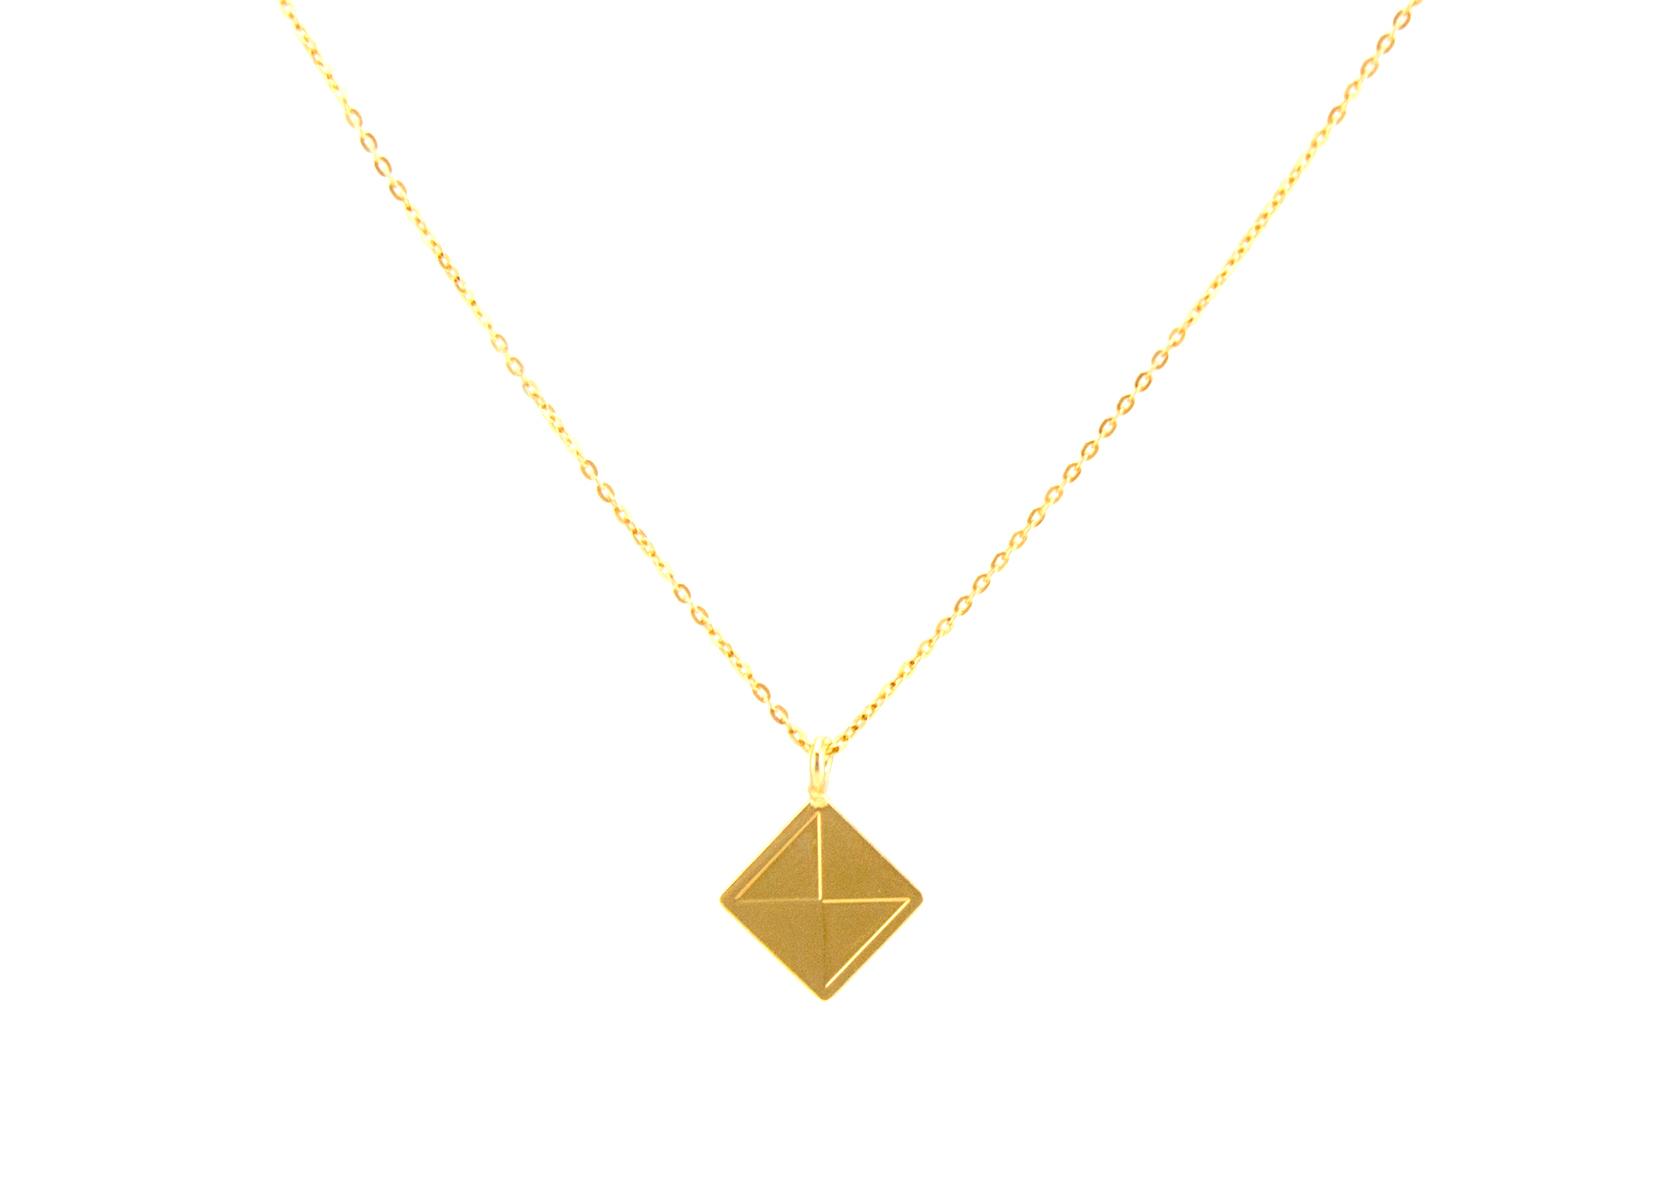 שרשרת ריבוע זהב מבריק